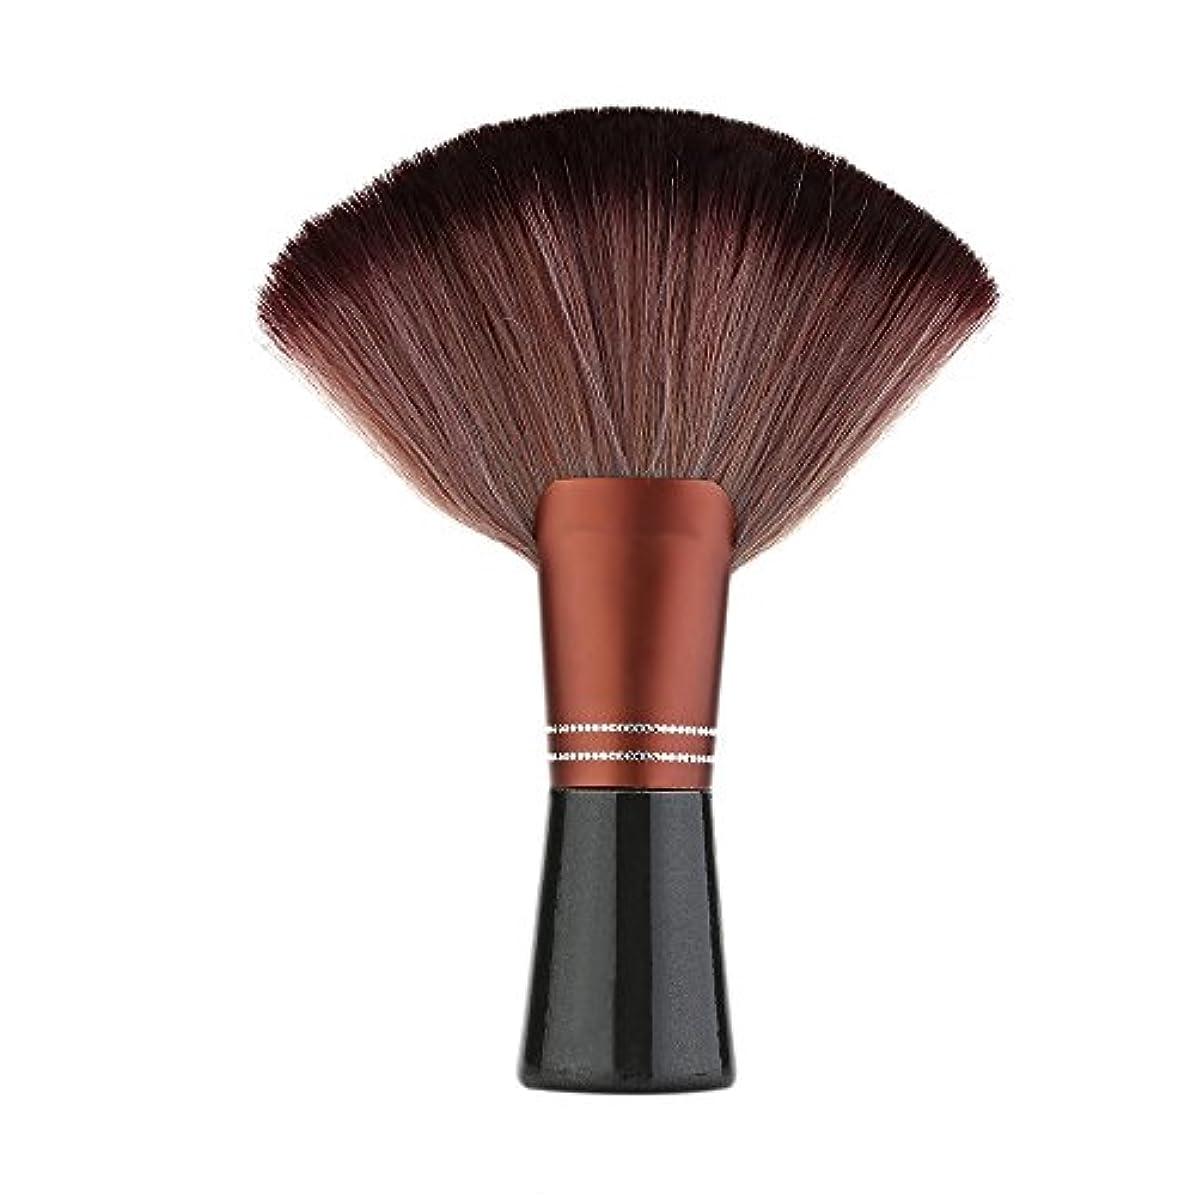 表面舗装と遊ぶDecdeal 理髪ブラシ ネックブラシ 理髪師 ヘアブラシ 毛払いブラシ 髪切り 散髪用ツール